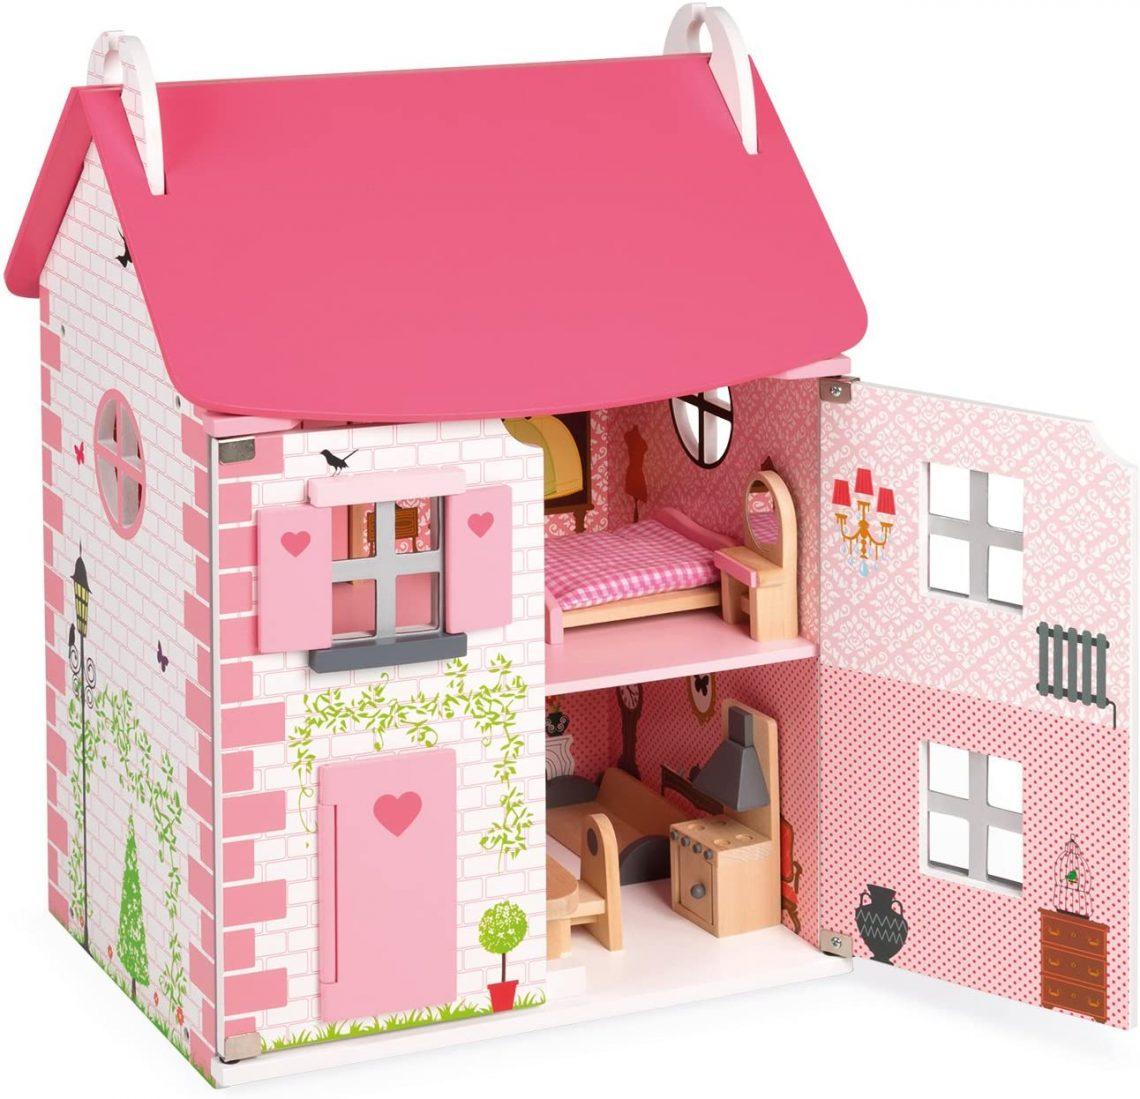 Maison de poupée - type valise - modèle Mademoiselle - marque Janod